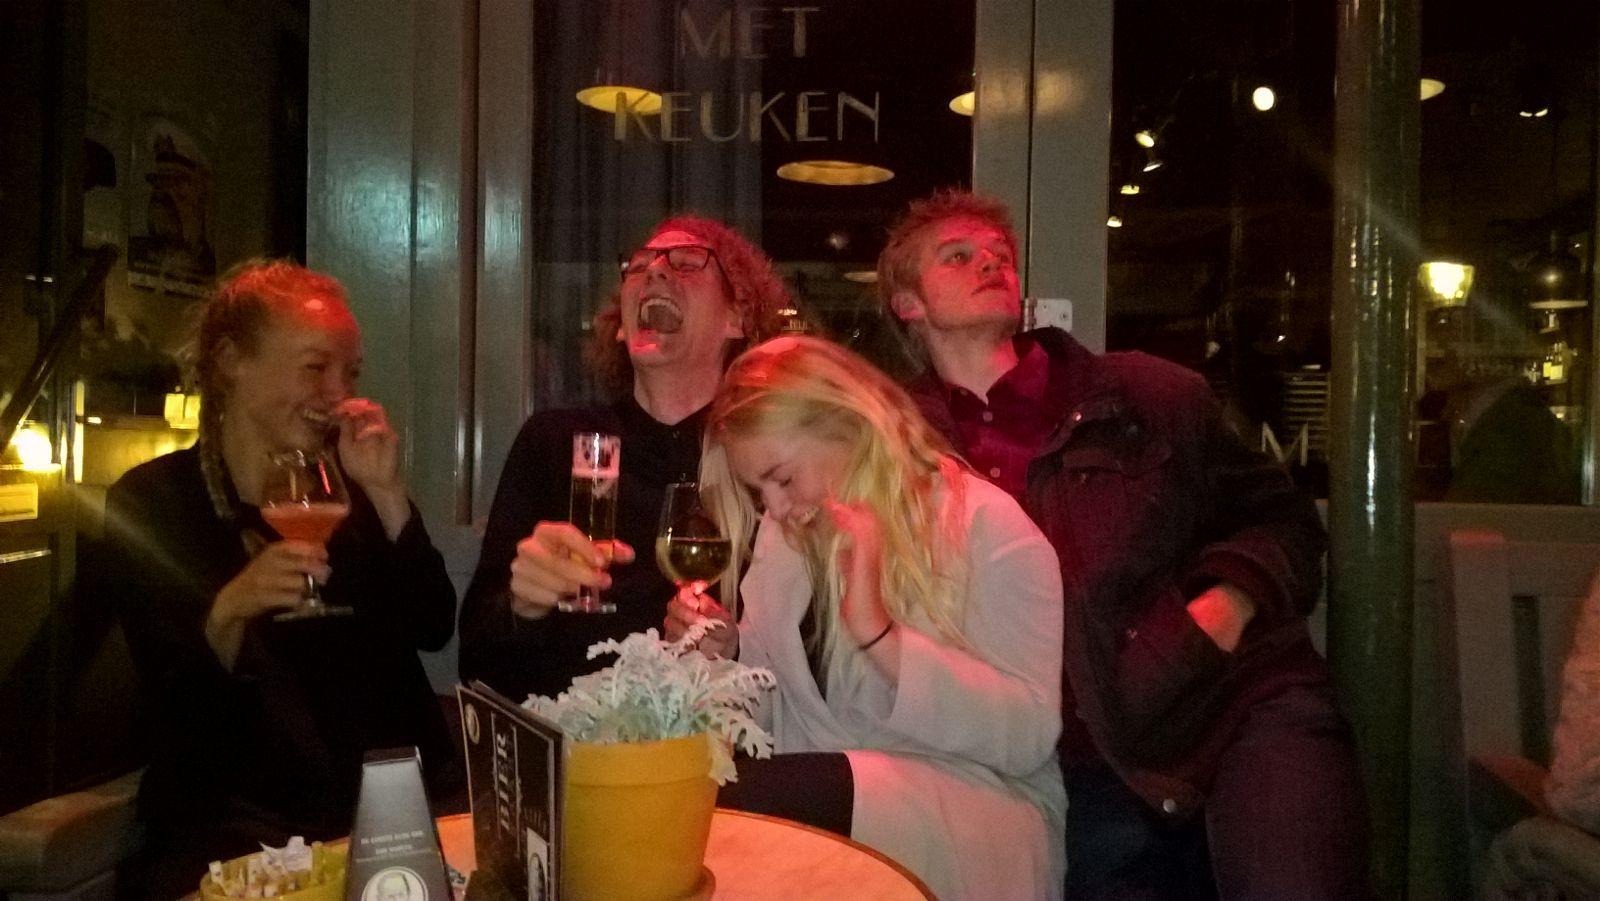 v.l.n.r. Sophie, Thomas, Sanne en Douwe.